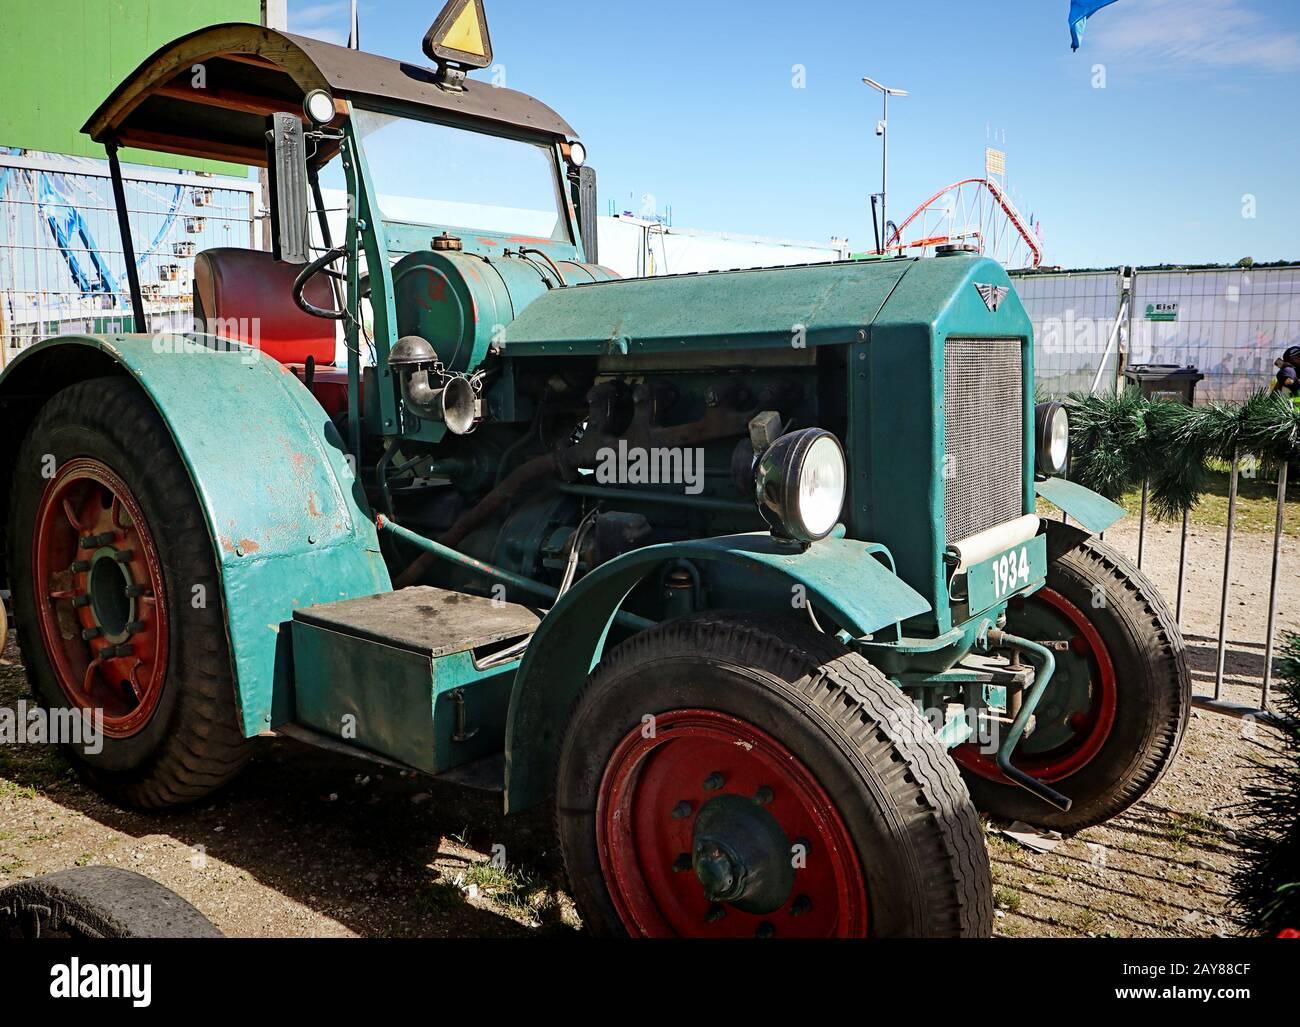 Munich, ALLEMAGNE tracteur Hanomag de l'année 1934 exposé à l'Oide Wiesn partie historique de l'Oktoberfest à Munich, un environnement familial et convivial pour les enfants Banque D'Images